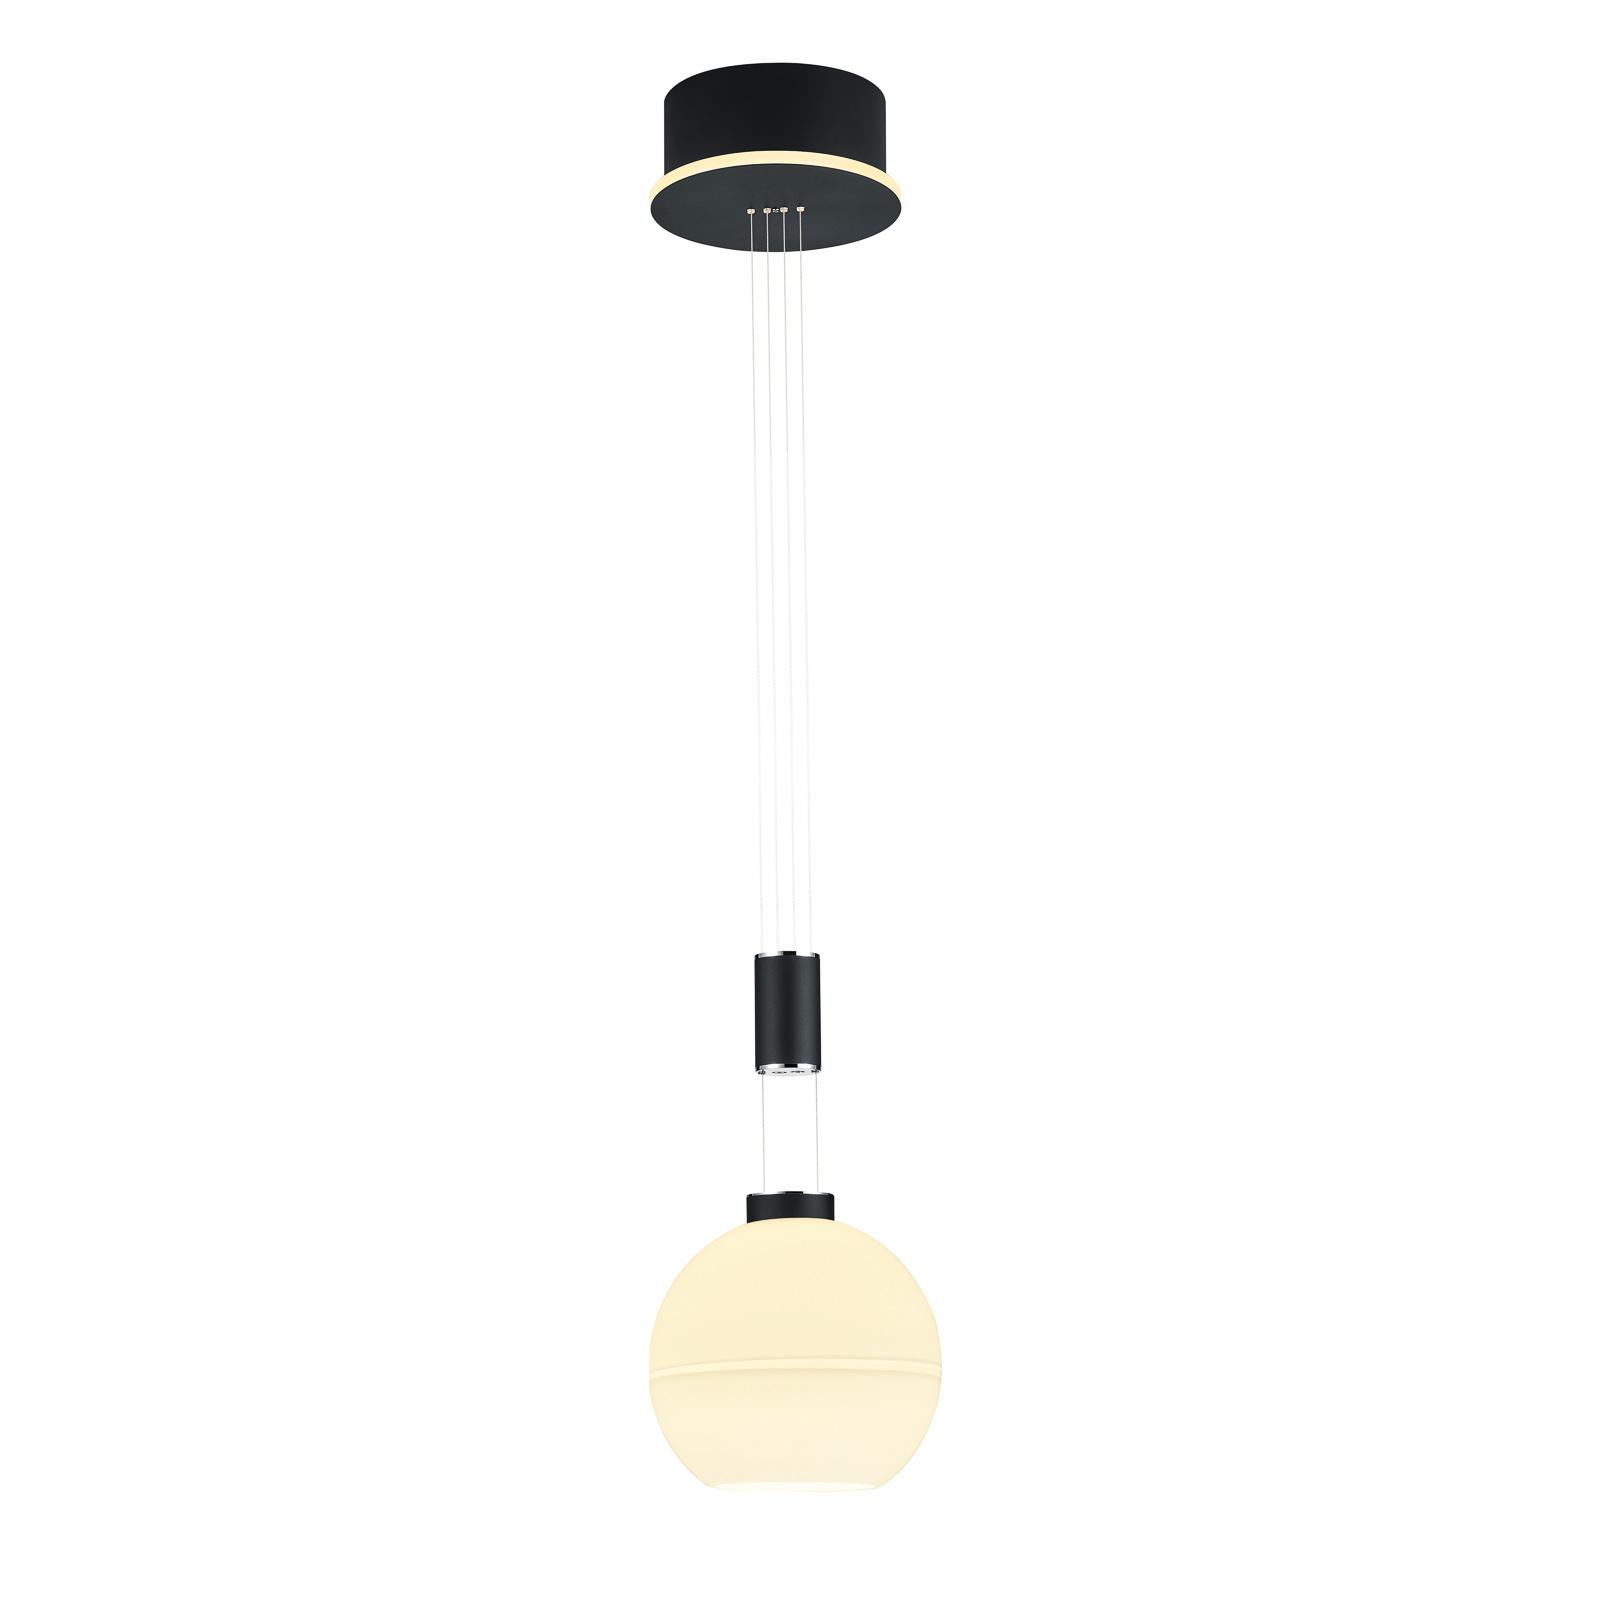 B-Leuchten Sam LED-hængelampe af glas, sort